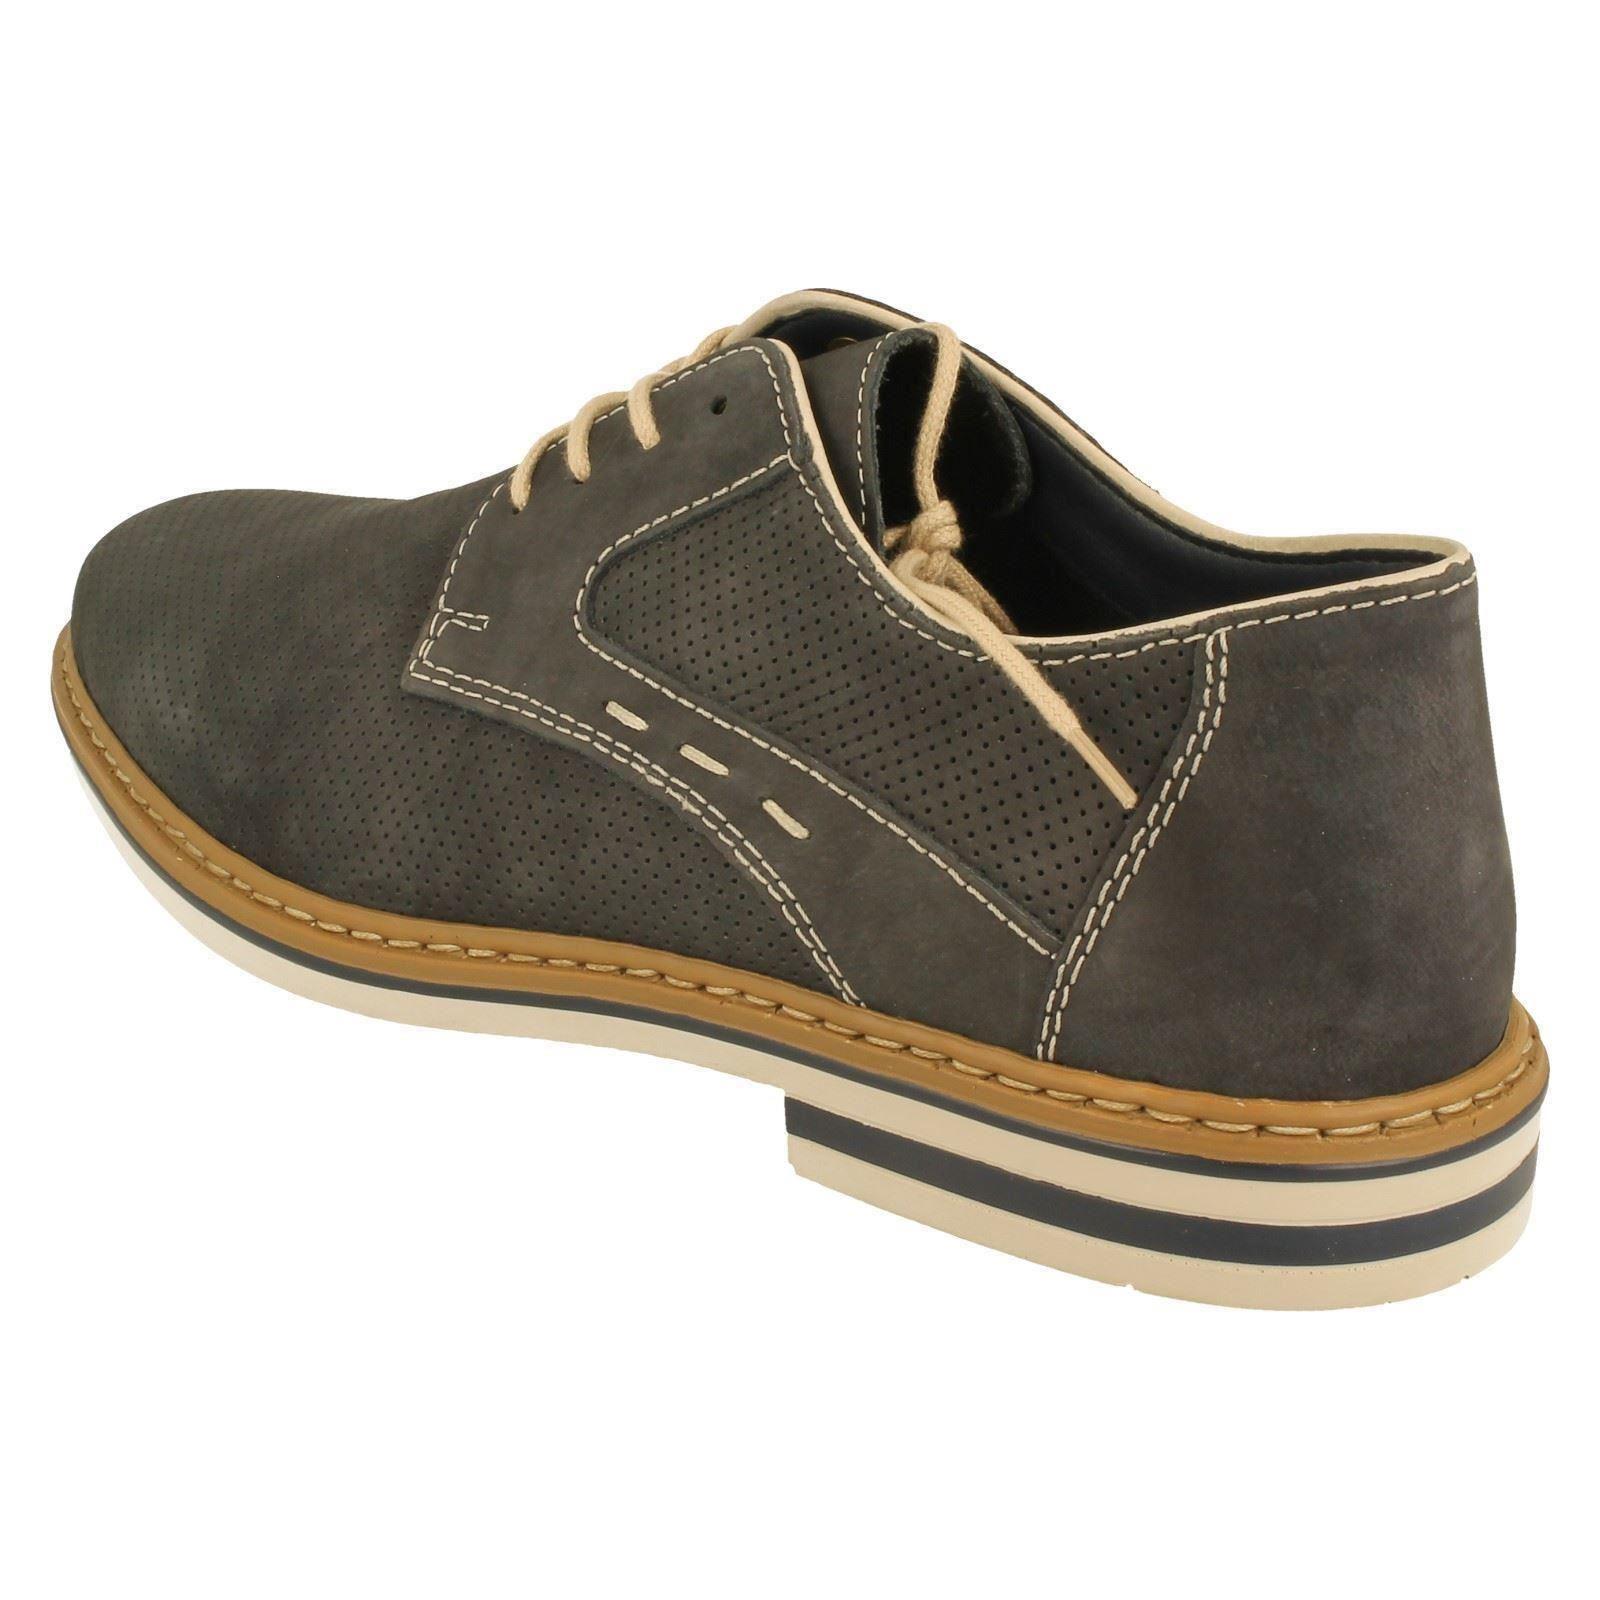 Uomo Rieker Schuhes Style B1435-W B1435-W Style 8f98b8